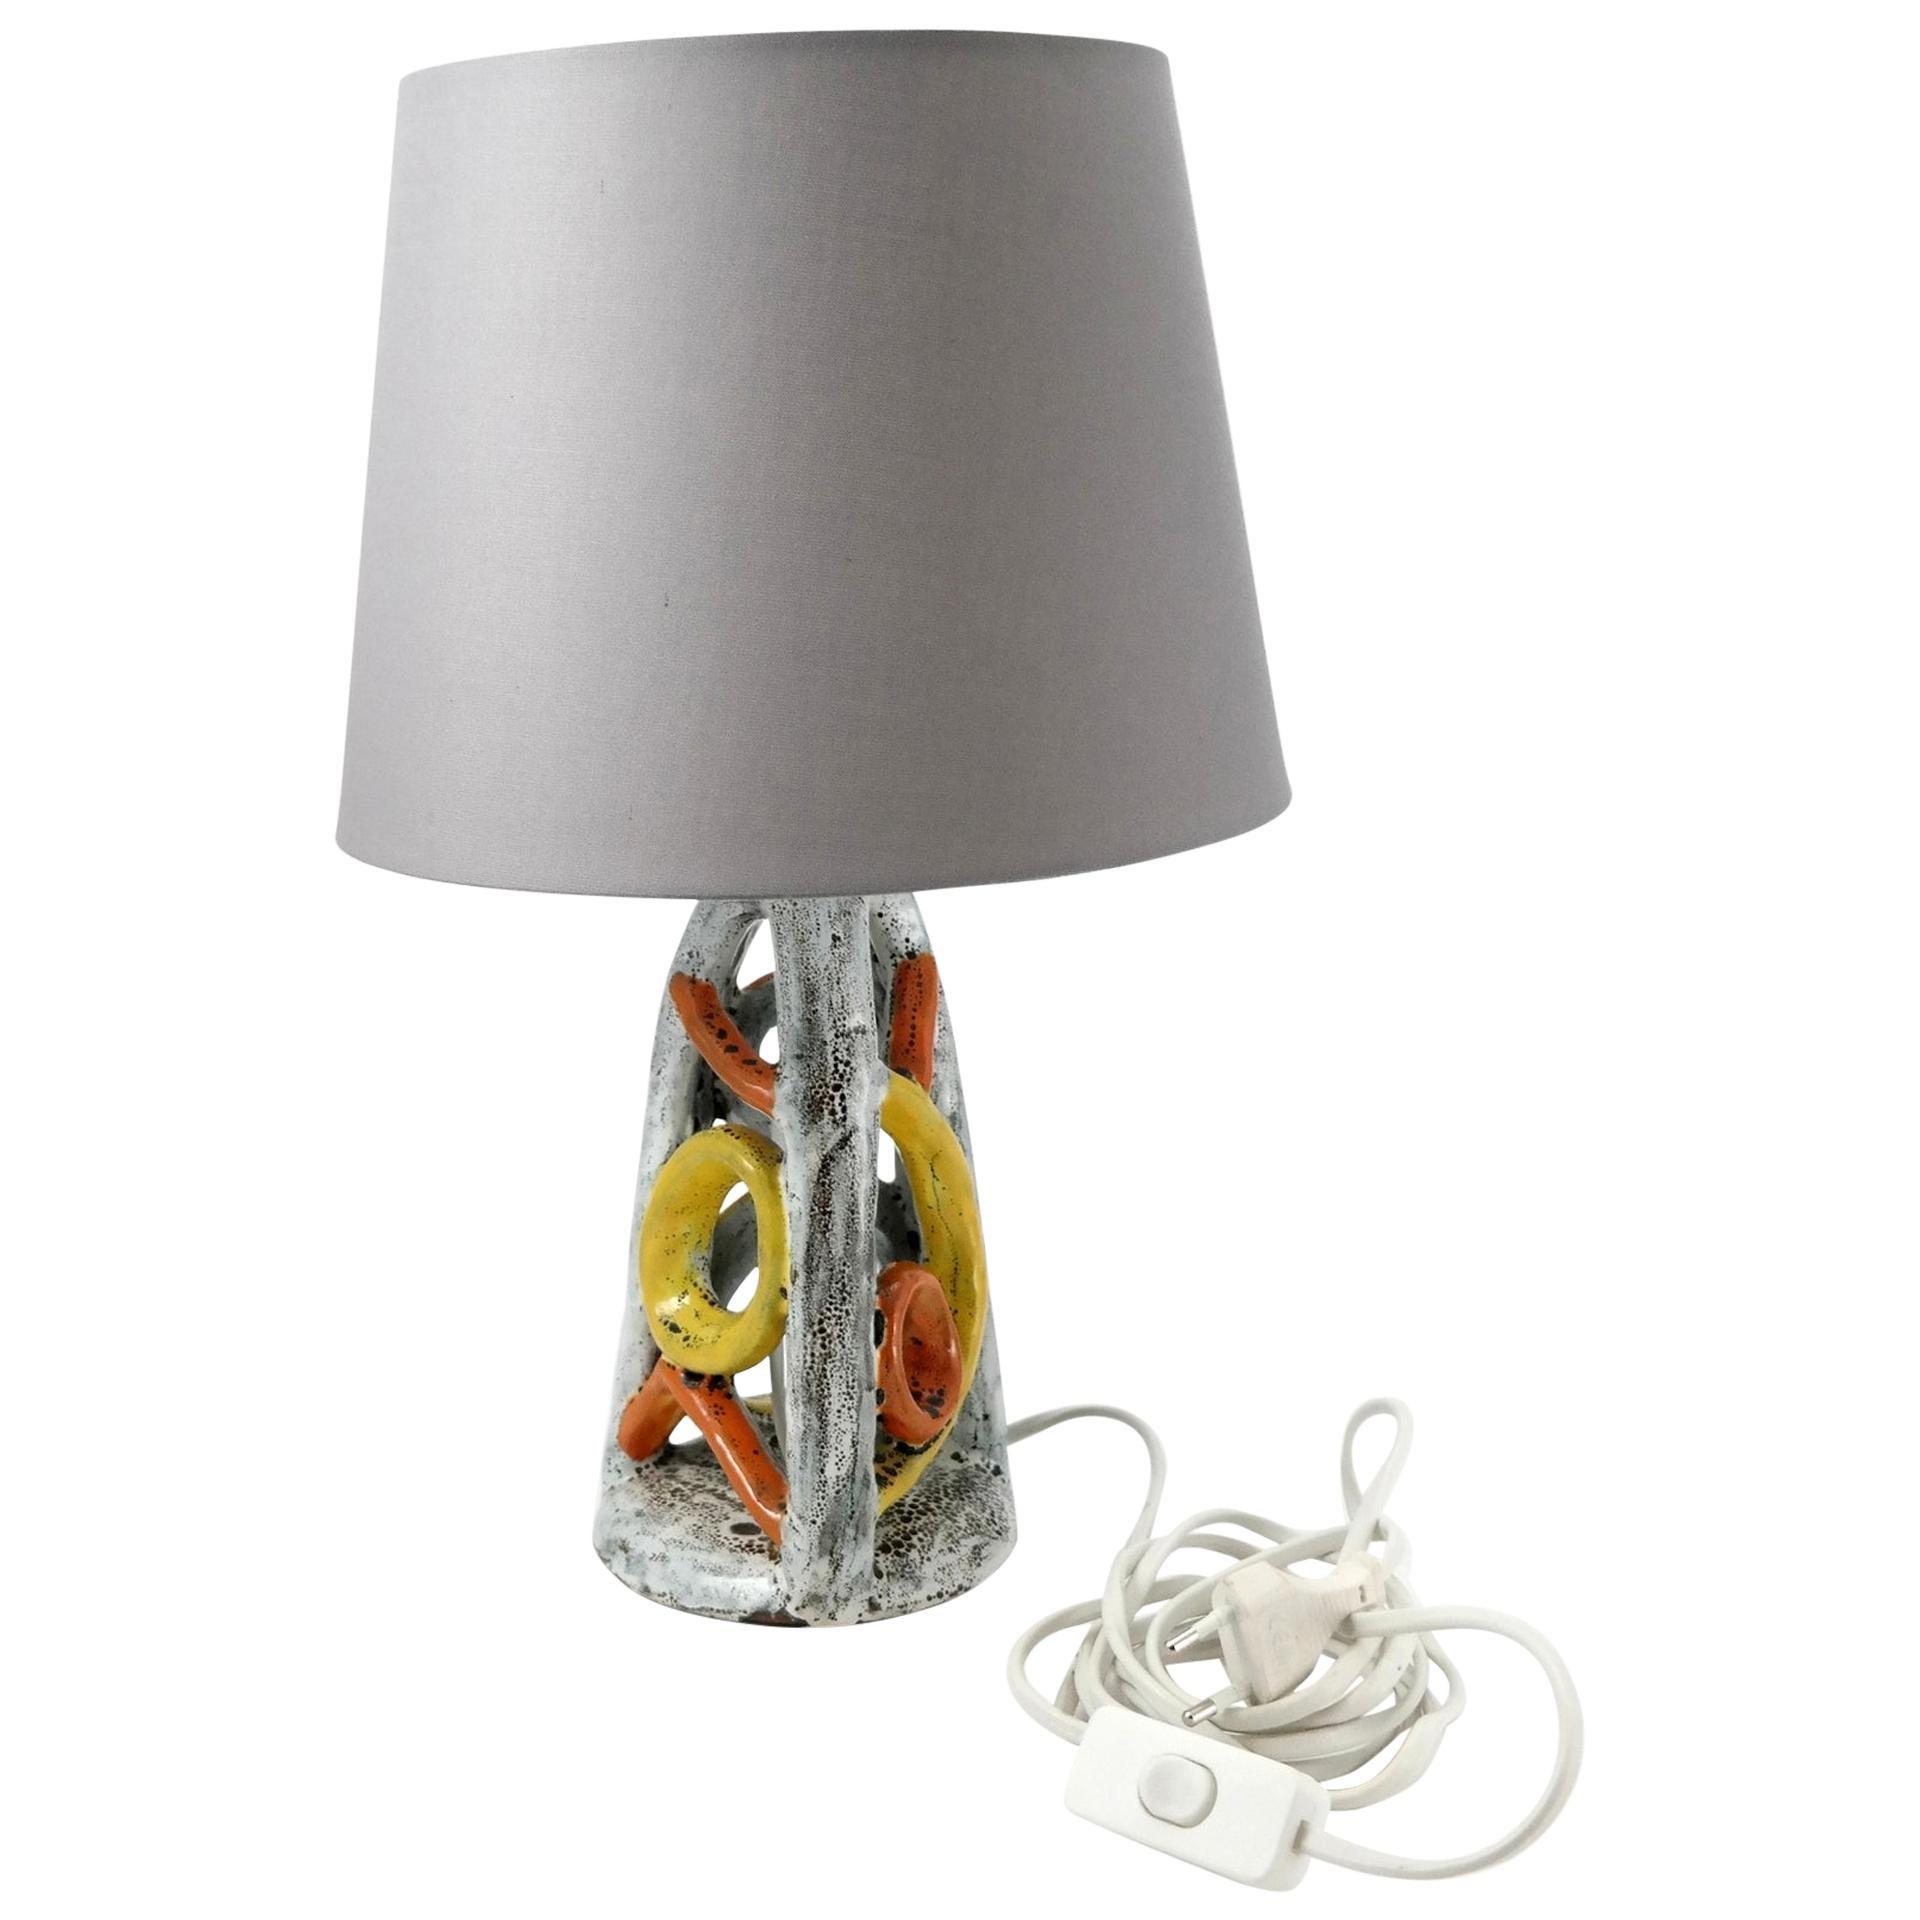 Handmade Glazed Ceramic Table Lamp, 1970s